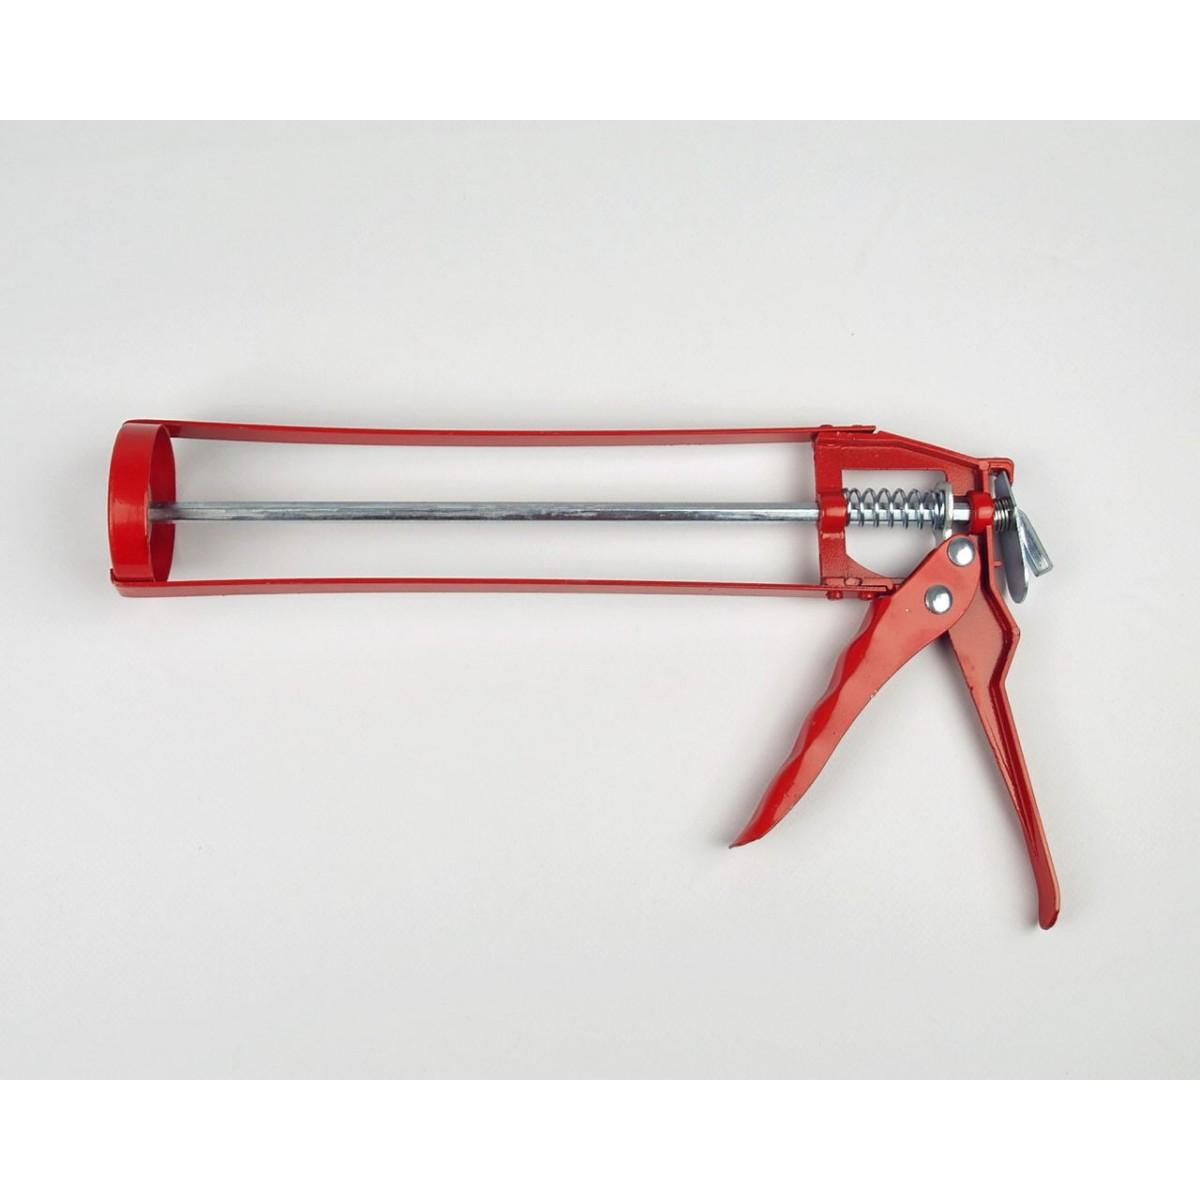 pistola domestica de cartuchos para uso puntual